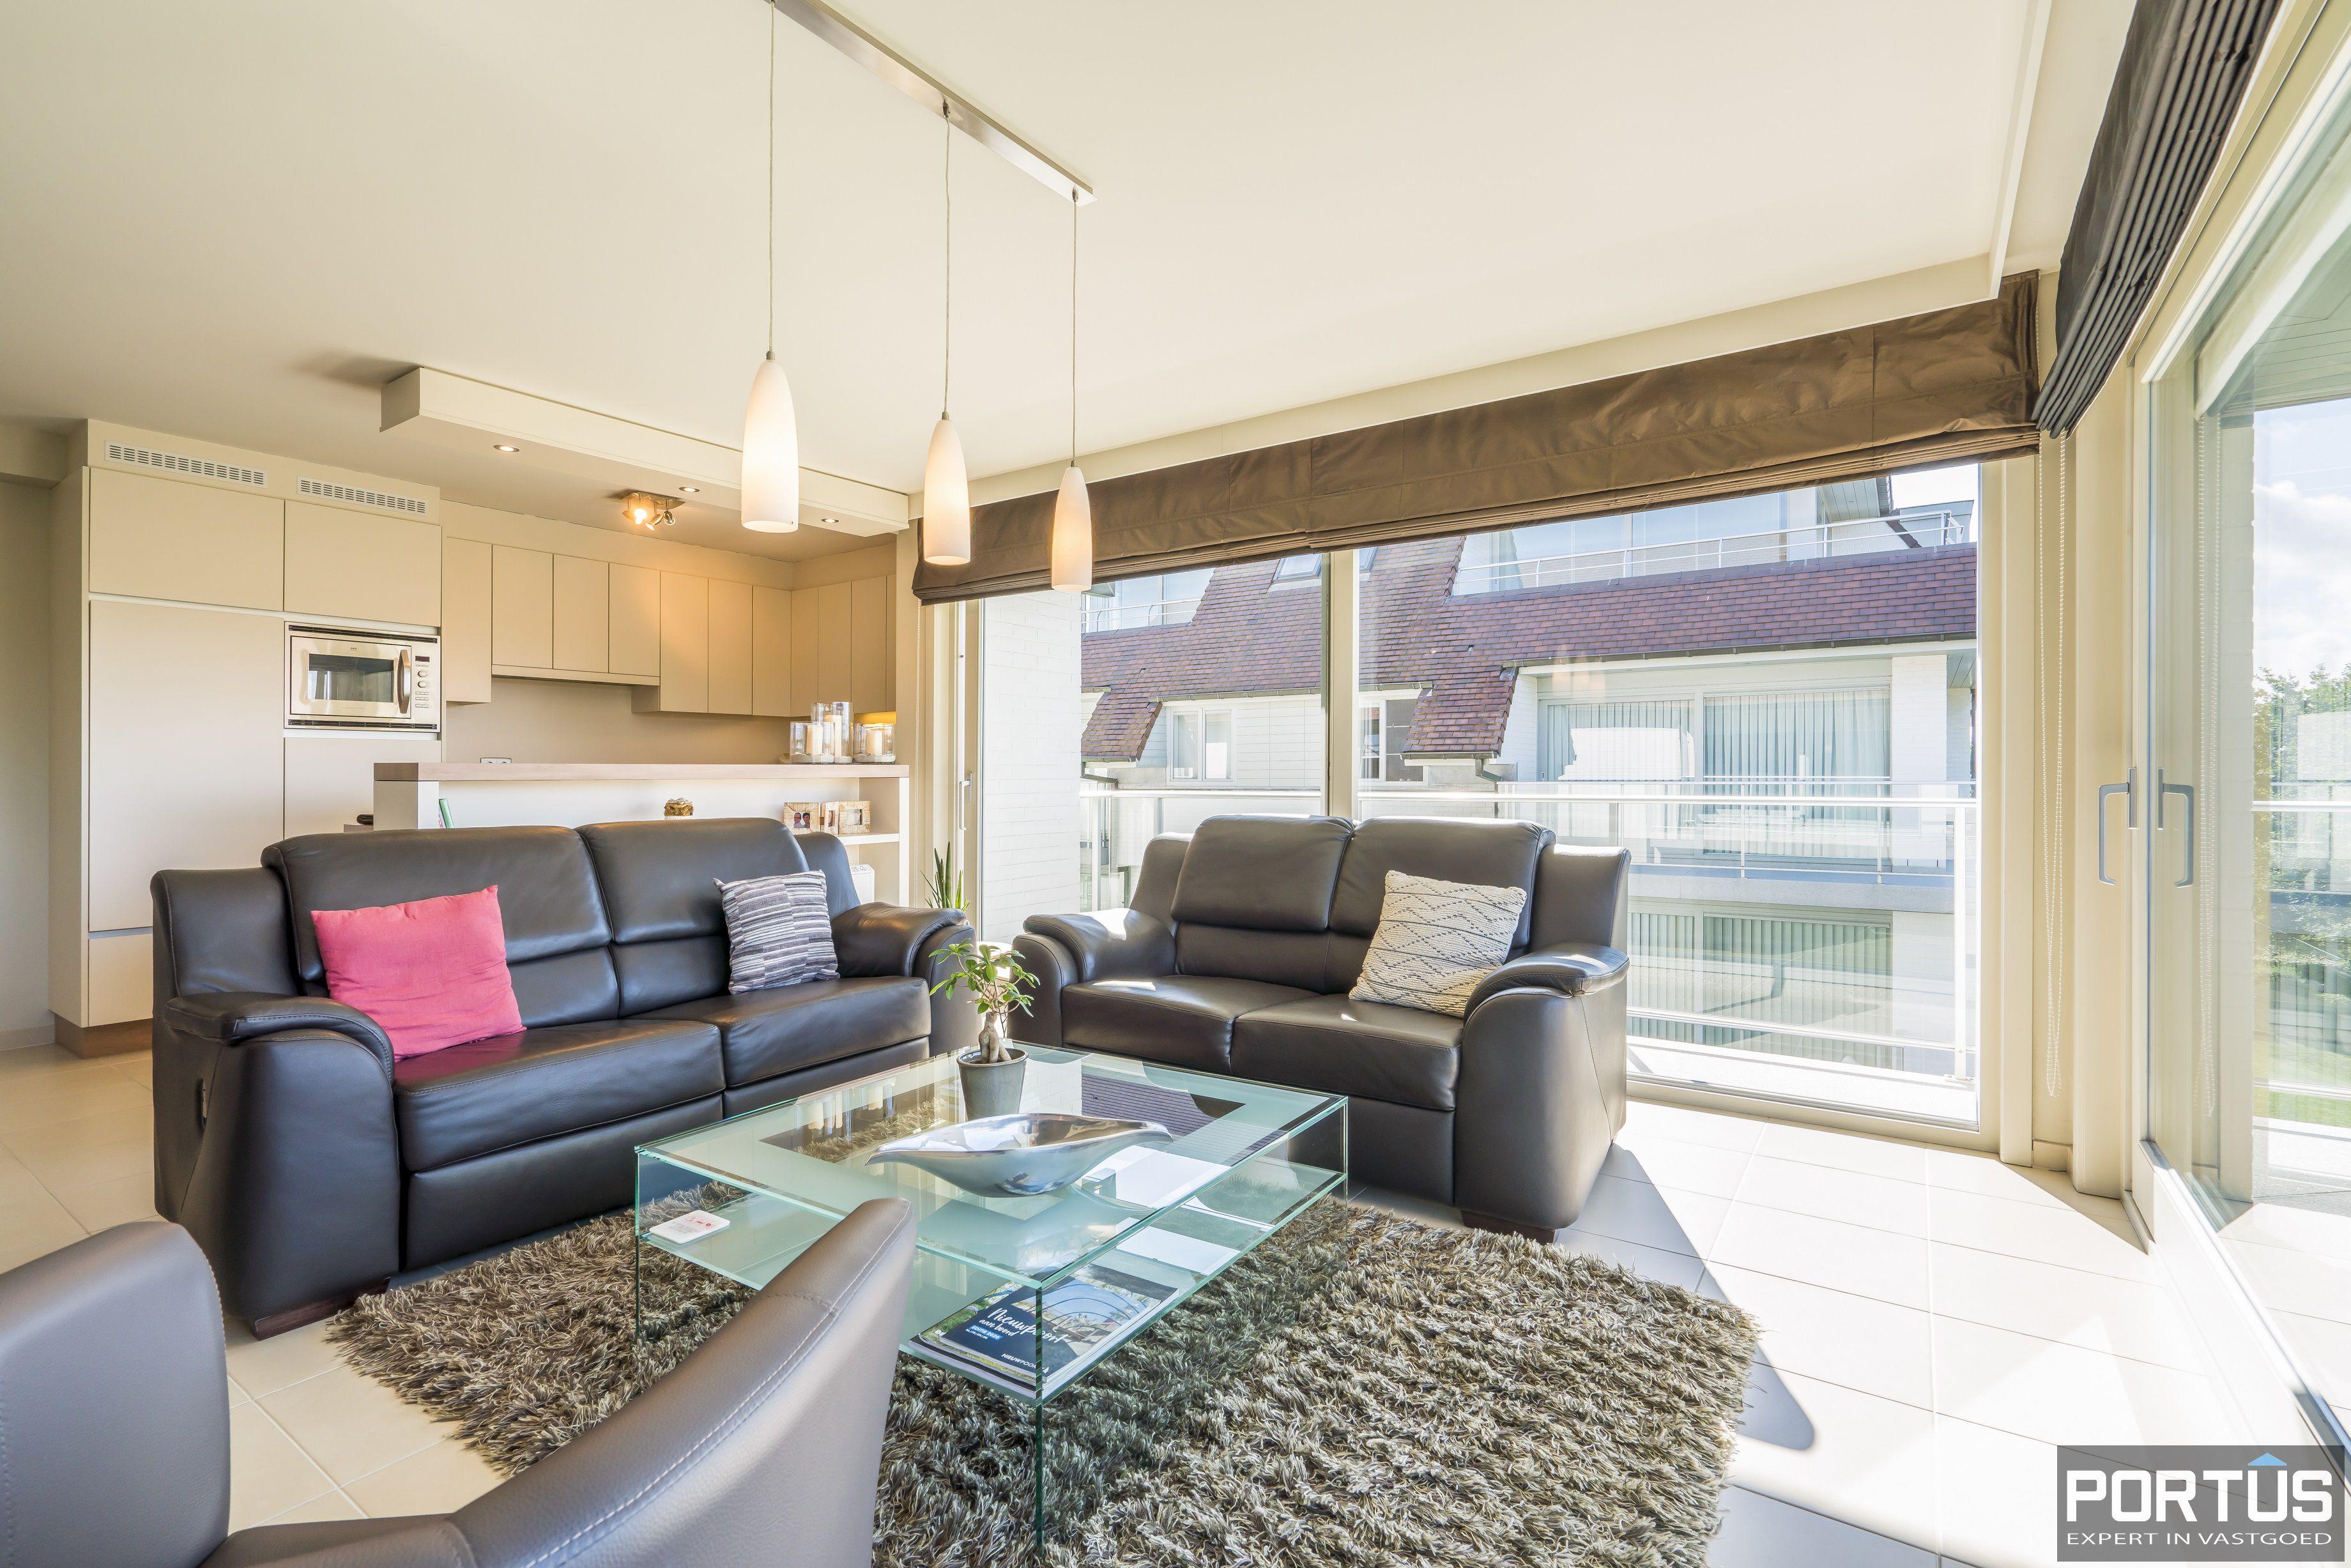 Instapklaar zongericht appartement met 2 slaapkamers te koop - 11508